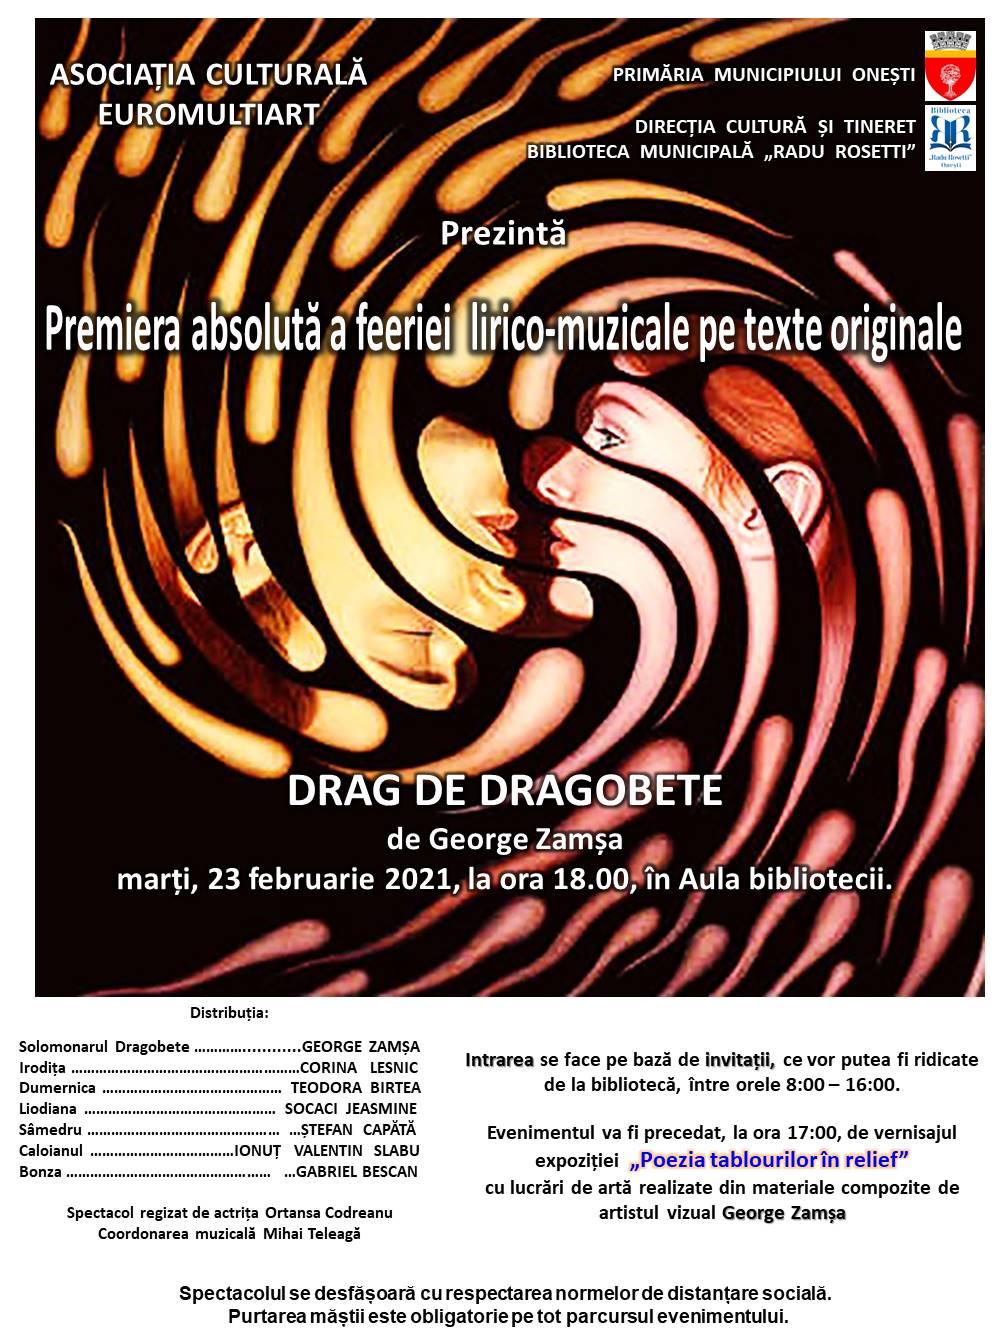 """Spectacol """"Drag de Dragobete"""" la Biblioteca Municipală """"Radu Rosetti"""" Onești"""